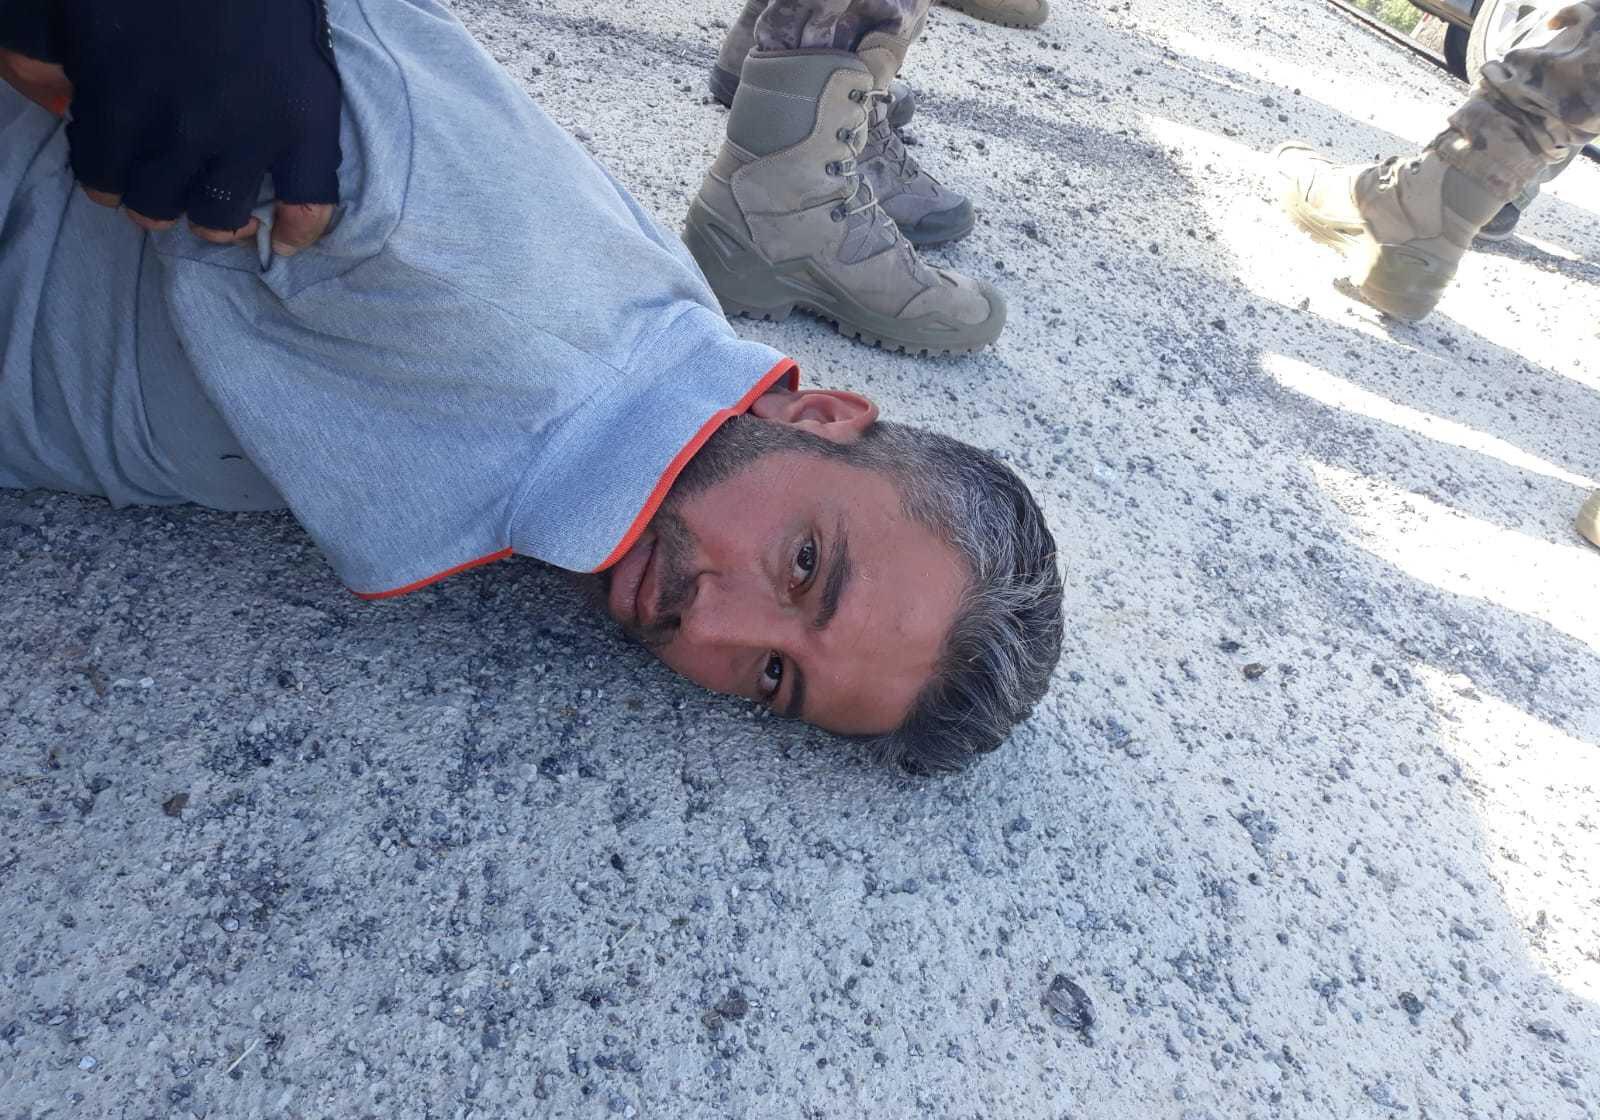 Mehmet Altun (33), saklandığı Bozkır ilçesinde arazi taraması yapan Özel Harekat ekipleri tarafından mezarlıkta yakalandı.